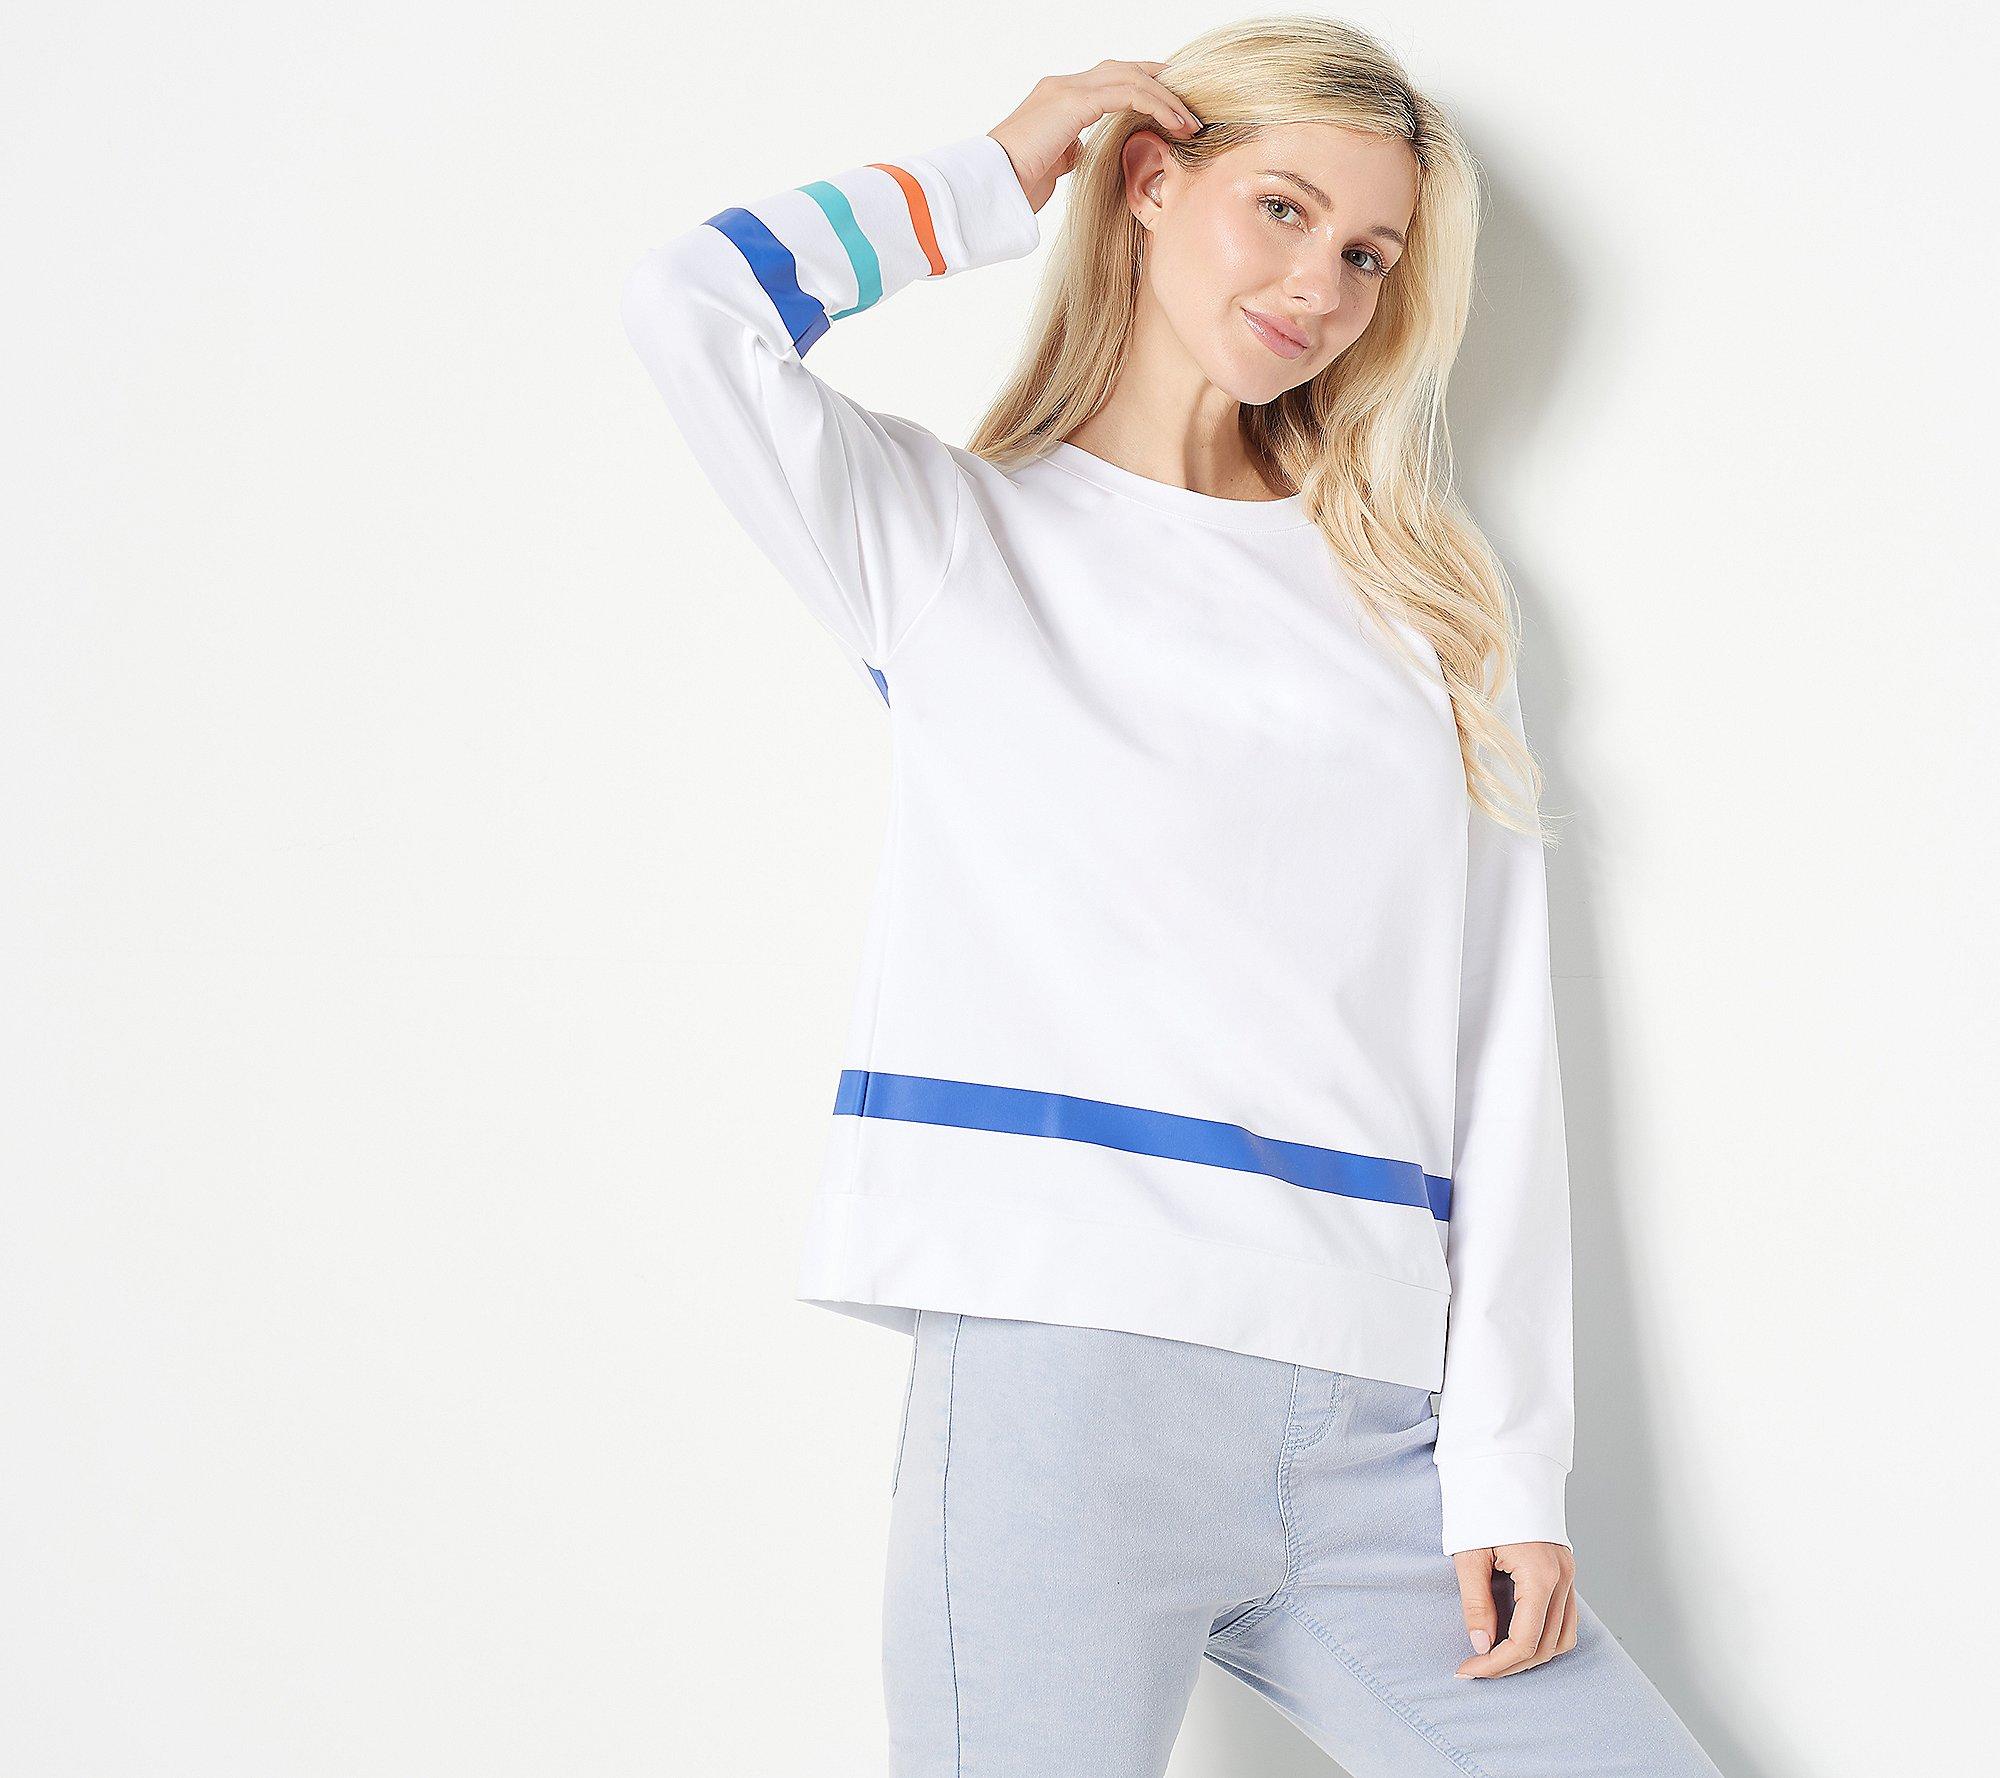 STYLECASTER |  Questo simpatico lancio di Activewear ti farà ripensare al commercio dei tuoi leggings per vestiti reali